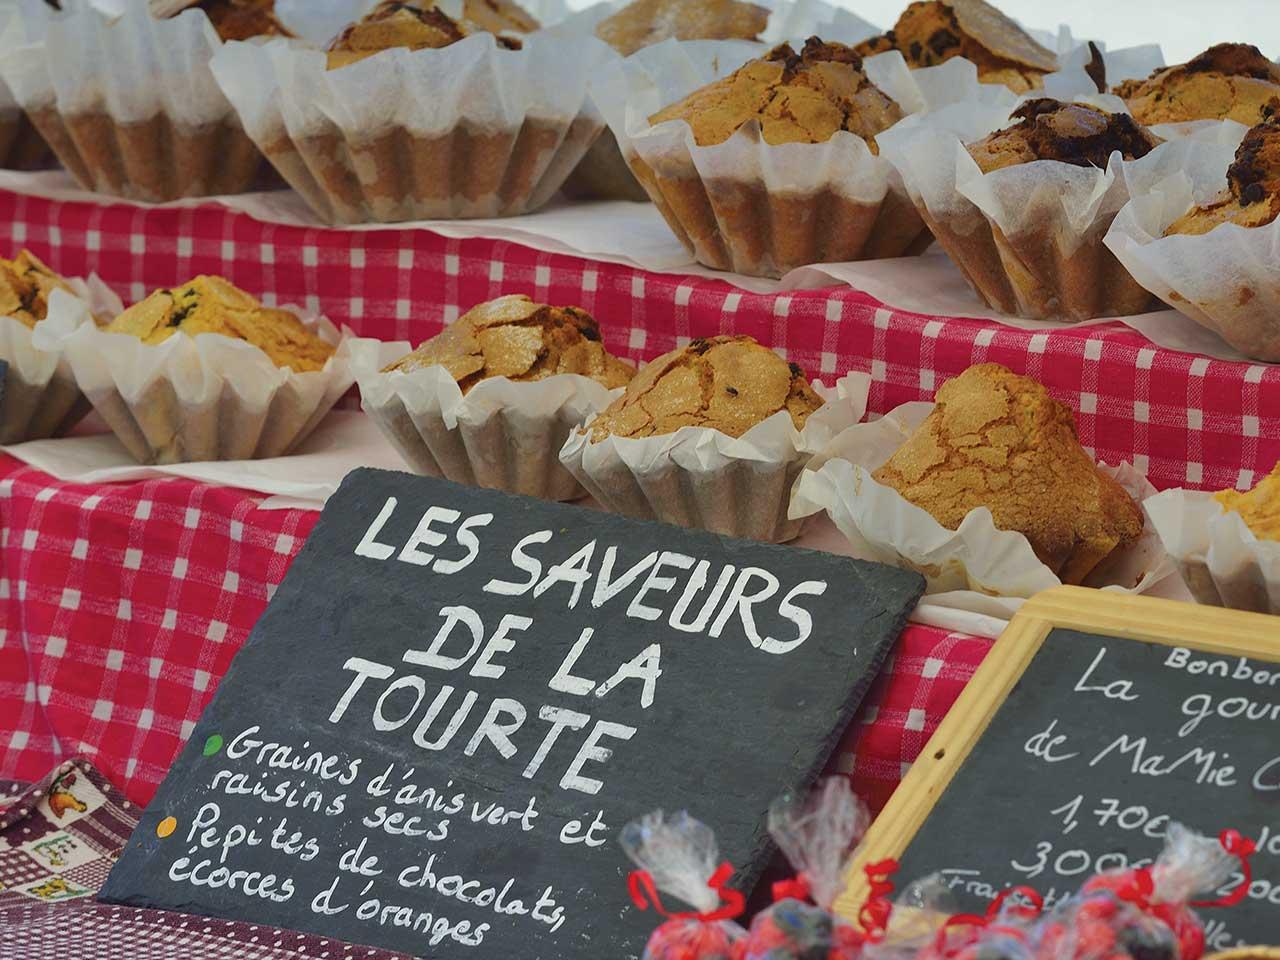 tourte des Pyrénées